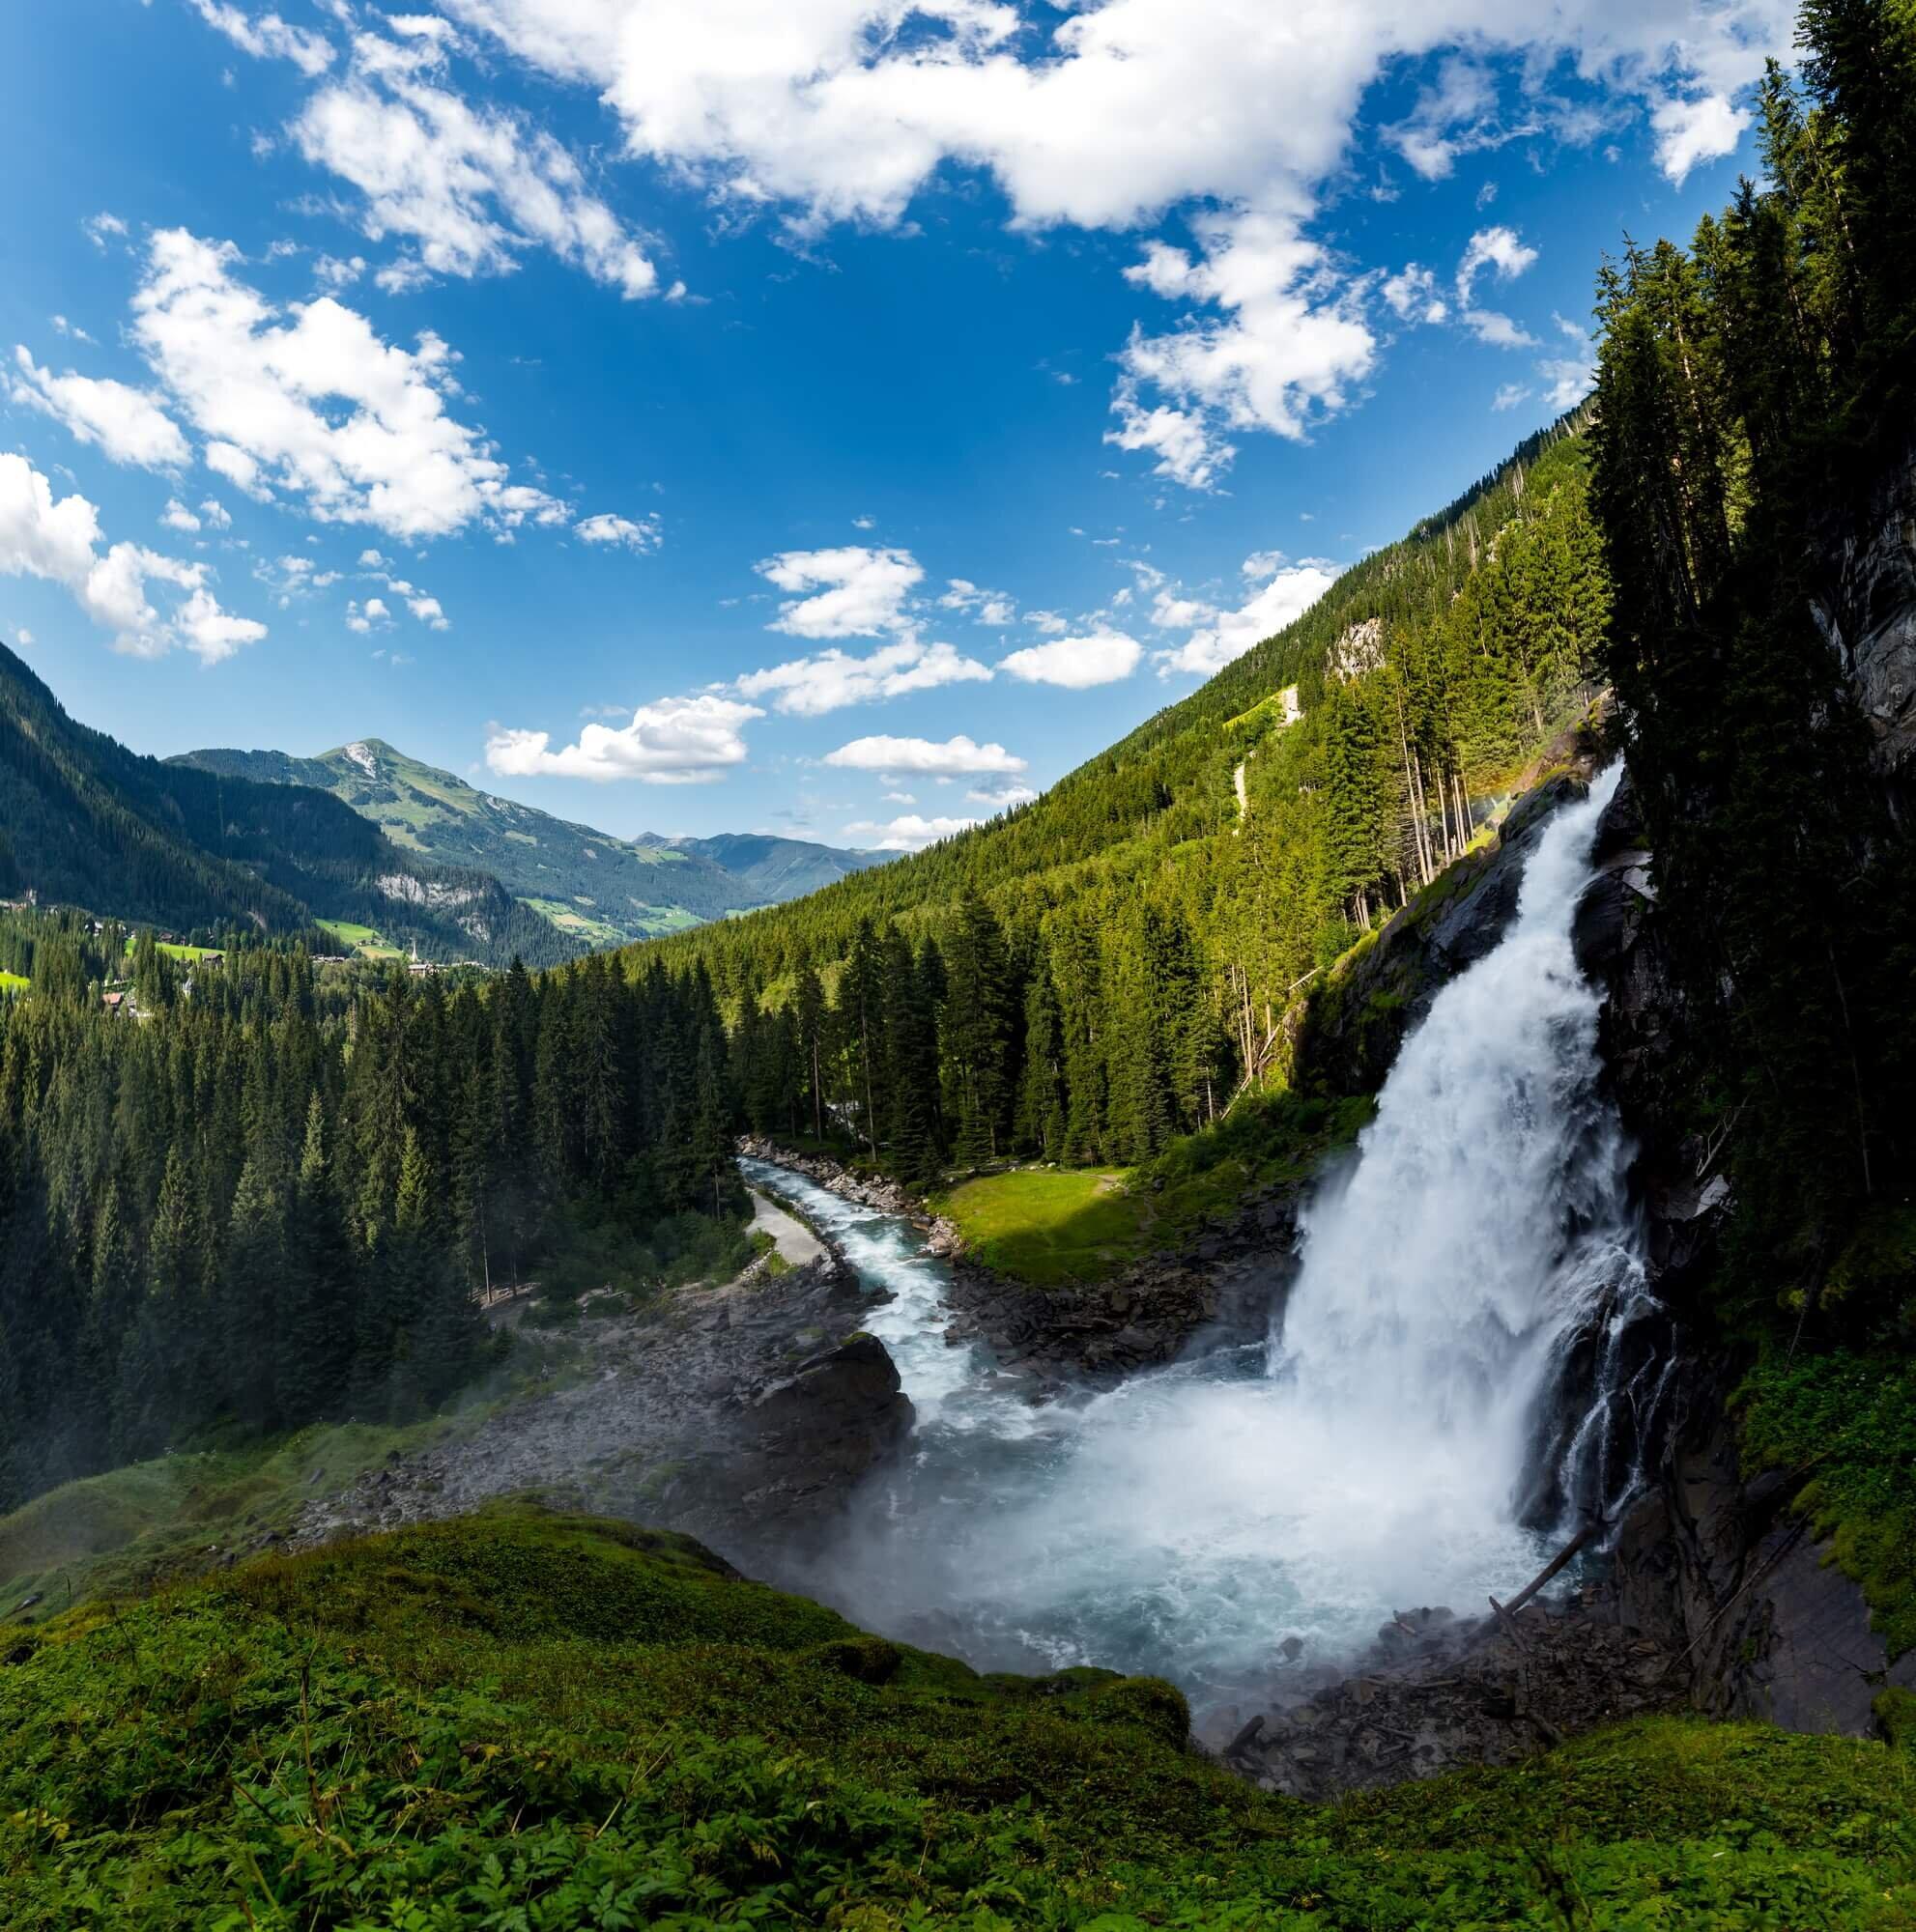 מפלי קרימל, אוסטריה - Krimml waterfalls, Austria